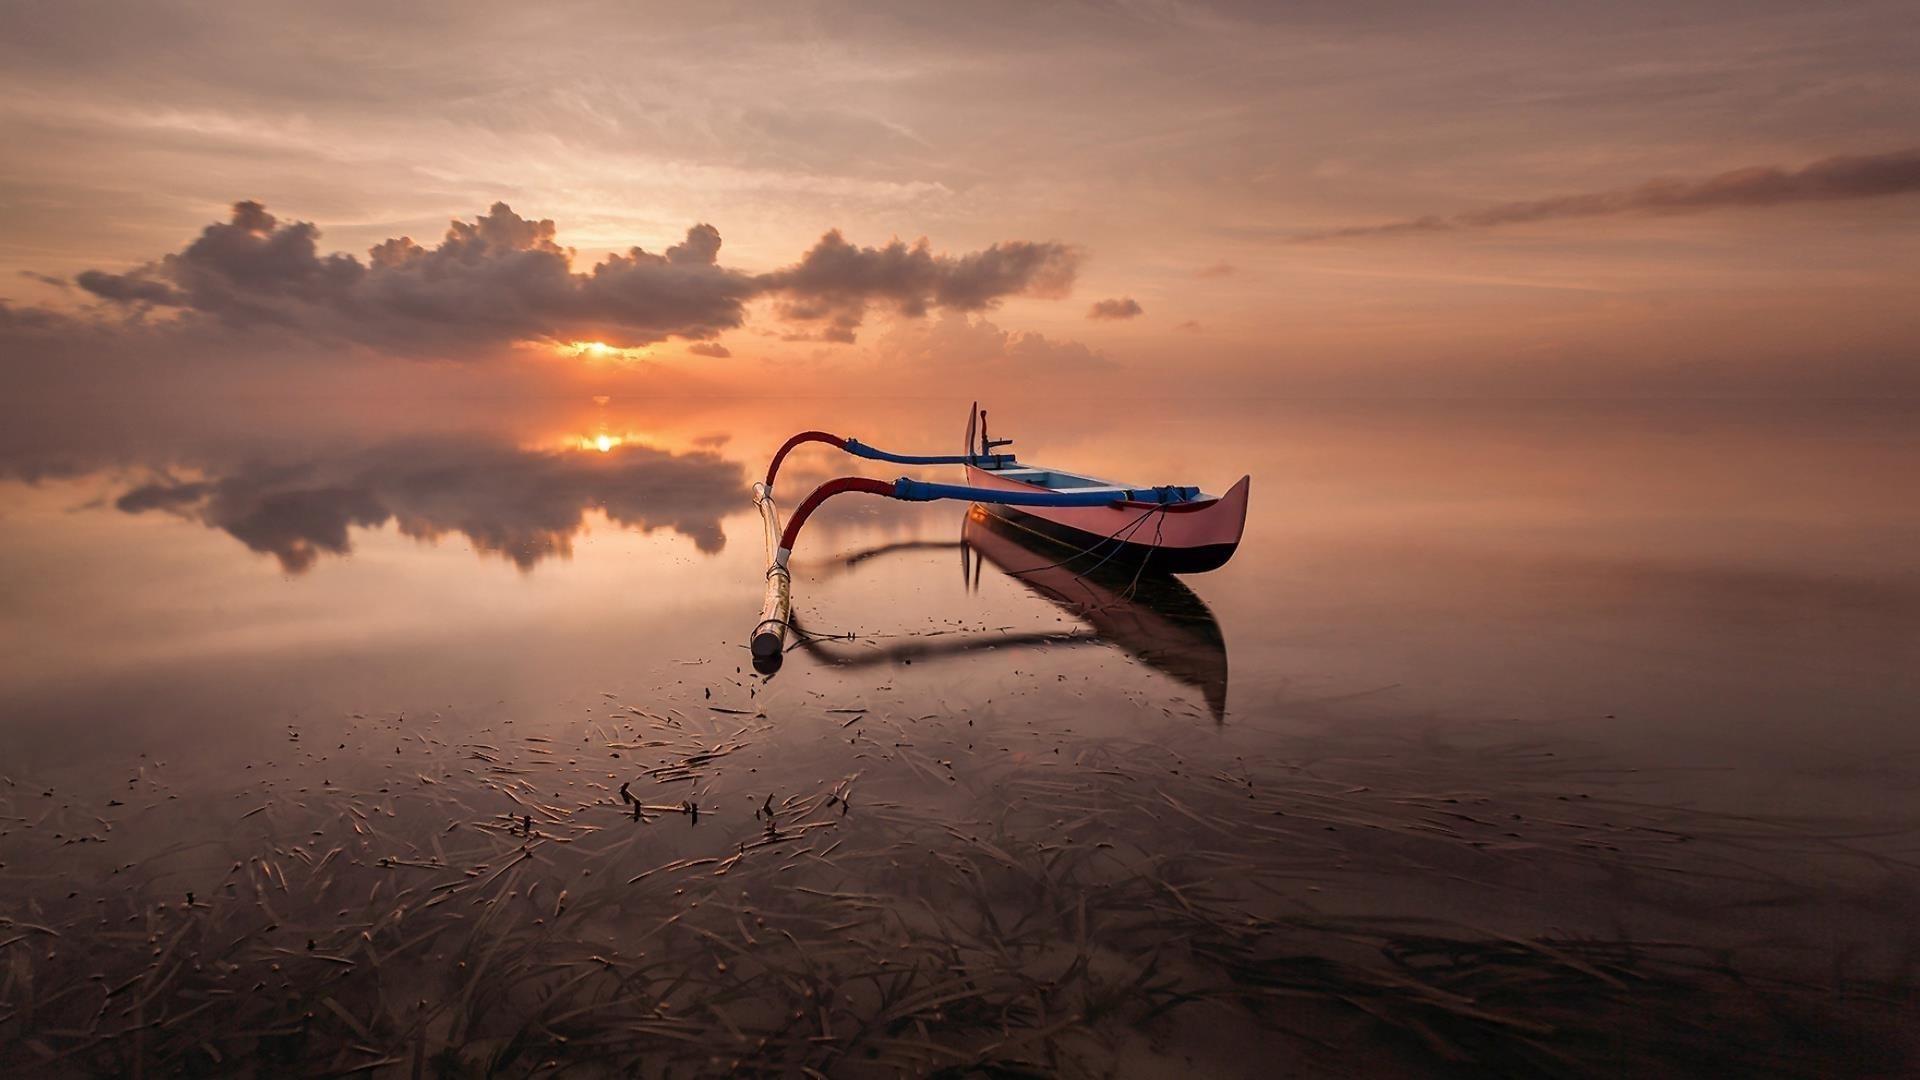 Лодка стоит в озере под облаками в дневное время природа обои скачать